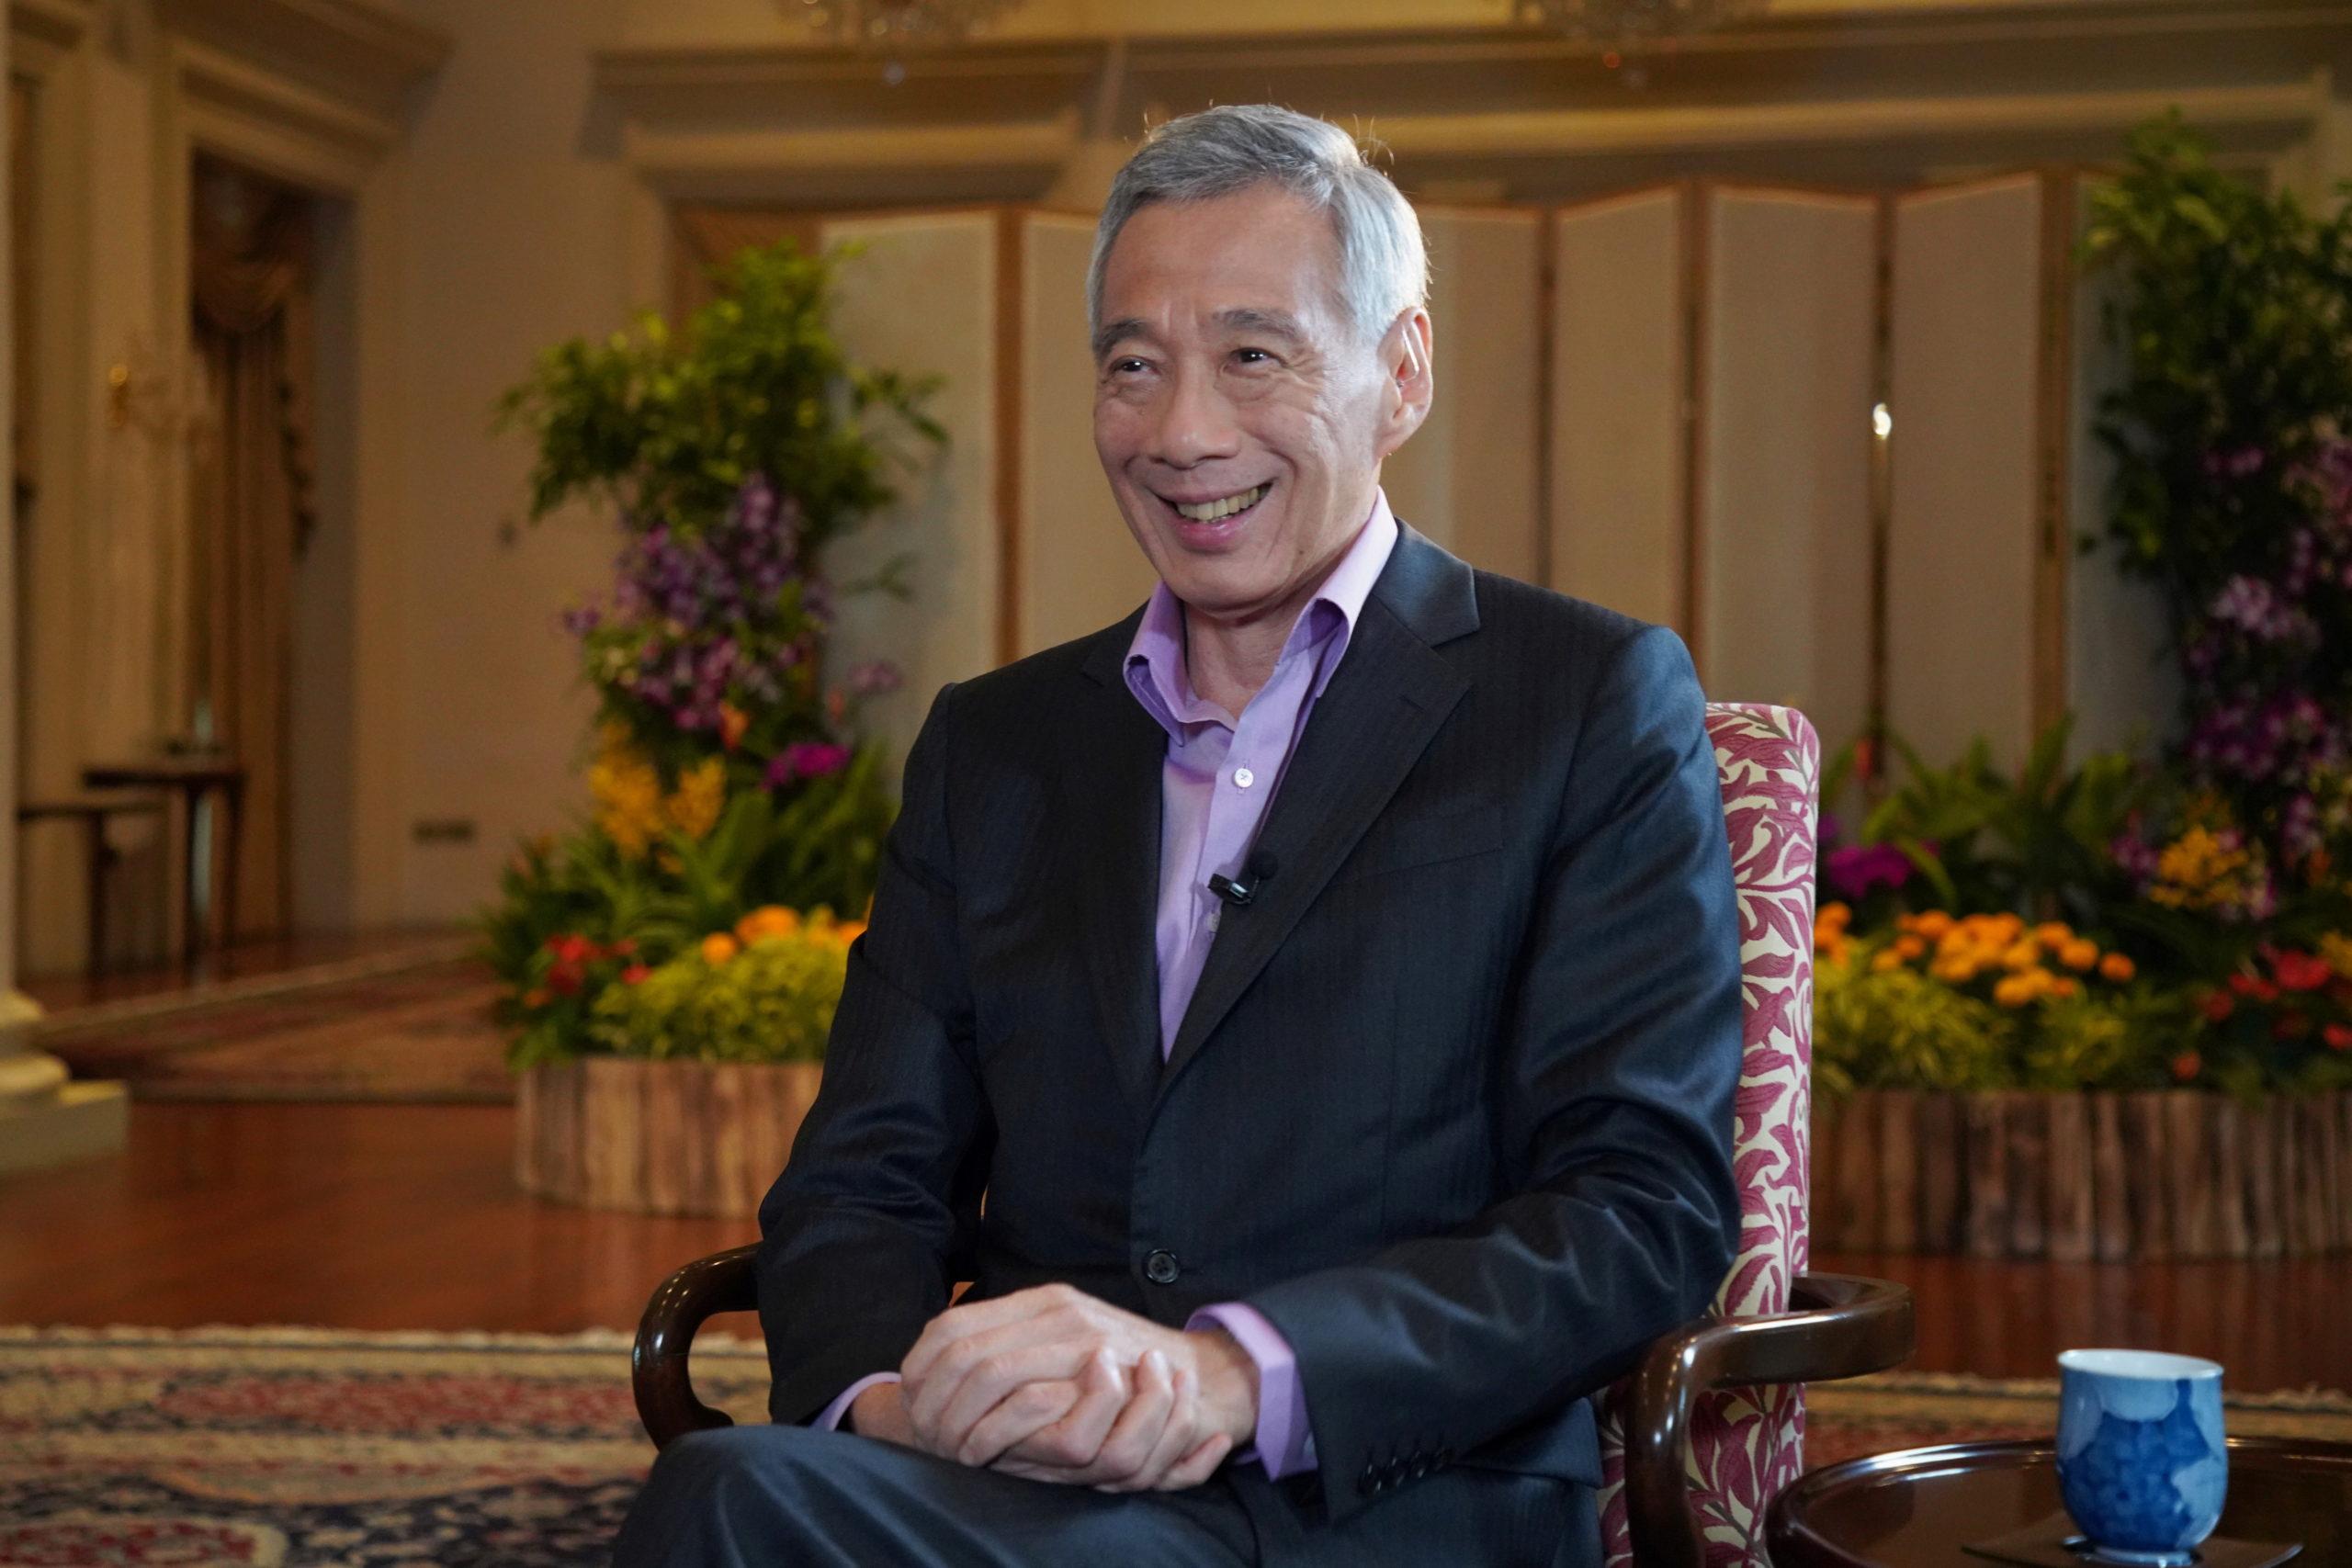 新加坡总理李显龙接受英国广播公司(BBC)专访时说,希望年底前全民接种疫苗,可以恢复通关。-图取自英国广播公司-